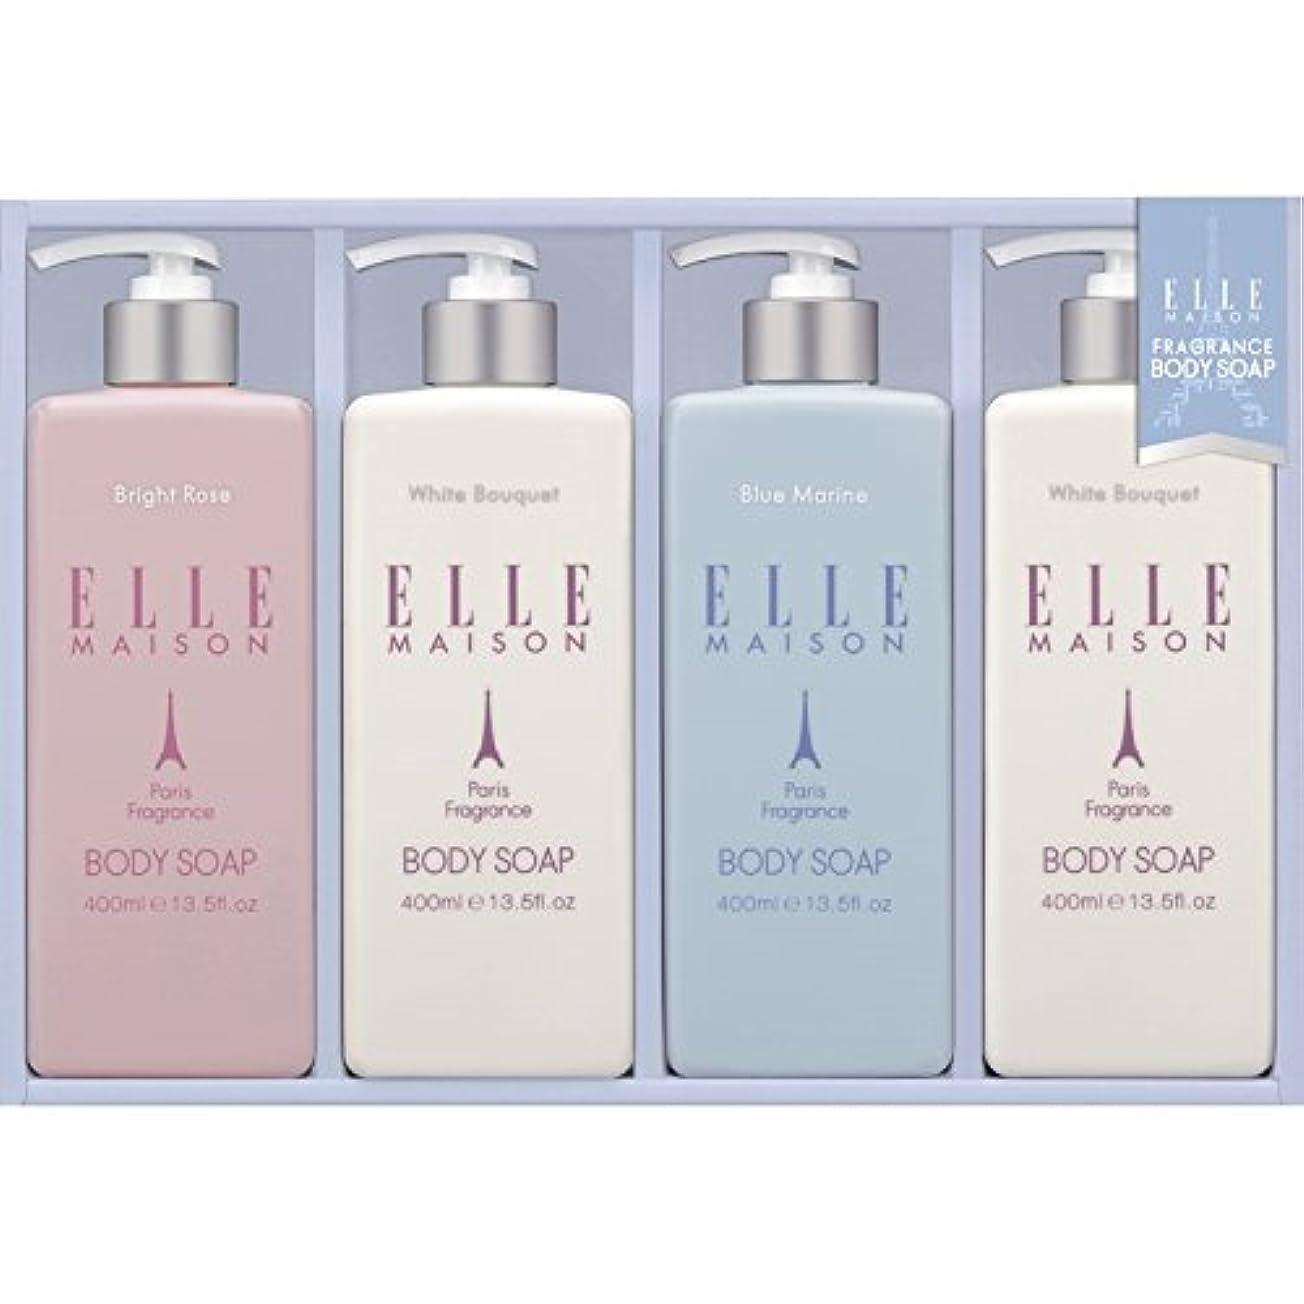 洋服起きている教授ELLE MAISON ボディソープギフト EBS-20 【保湿 いい匂い うるおい 液体 しっとり 良い香り やさしい 女性 贅沢 全身 美肌 詰め合わせ お風呂 バスタイム 洗う 美容】